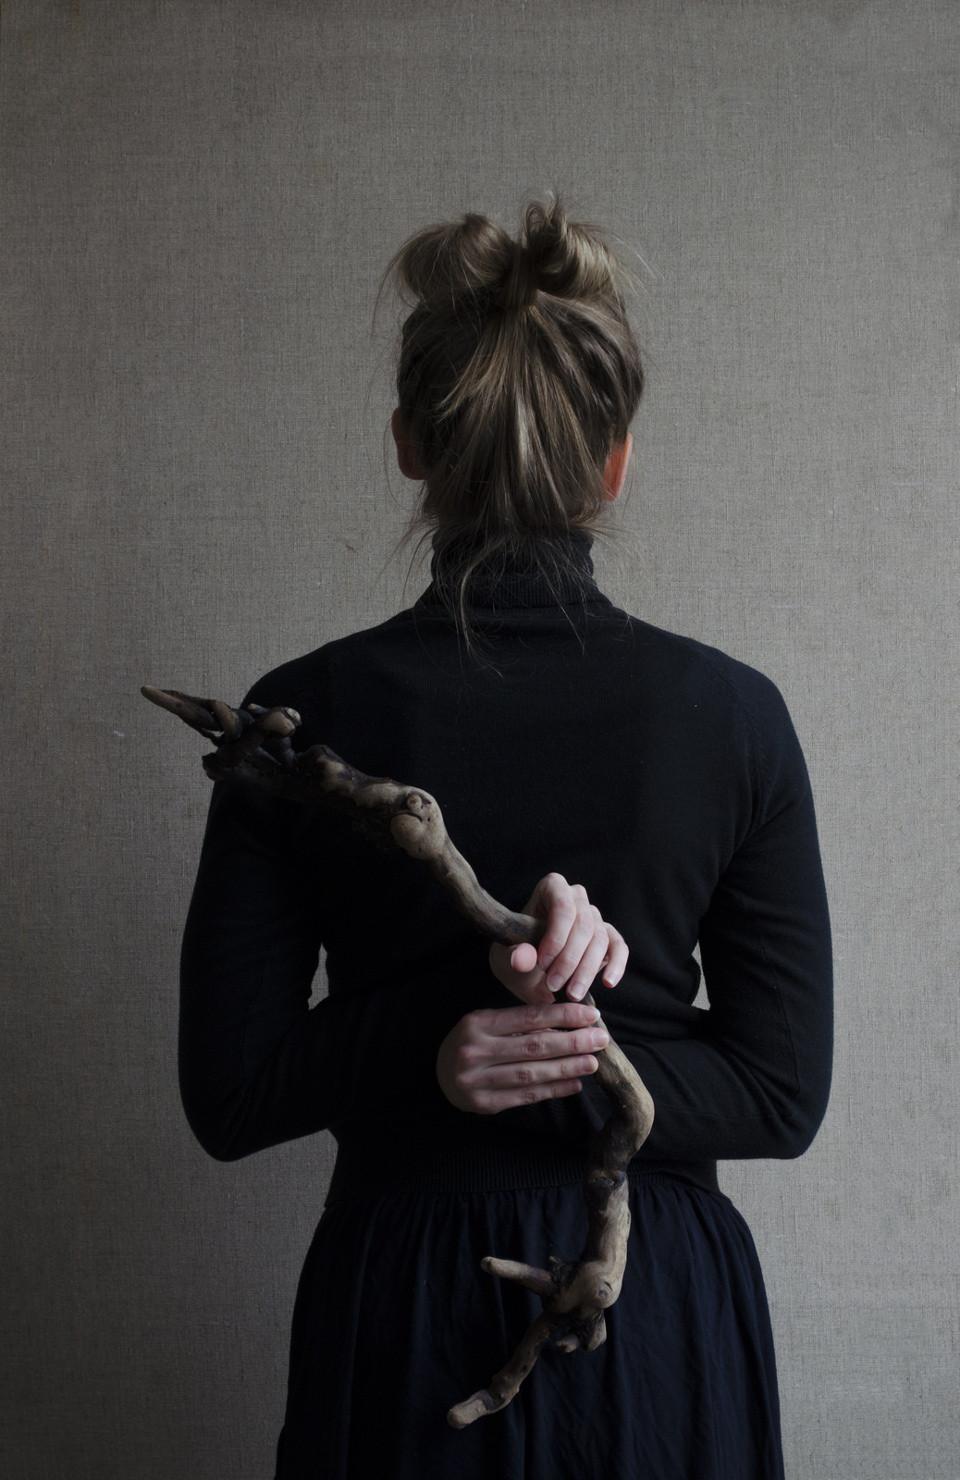 Frau hält einen knochigen Ast hinter ihrem Rücken.